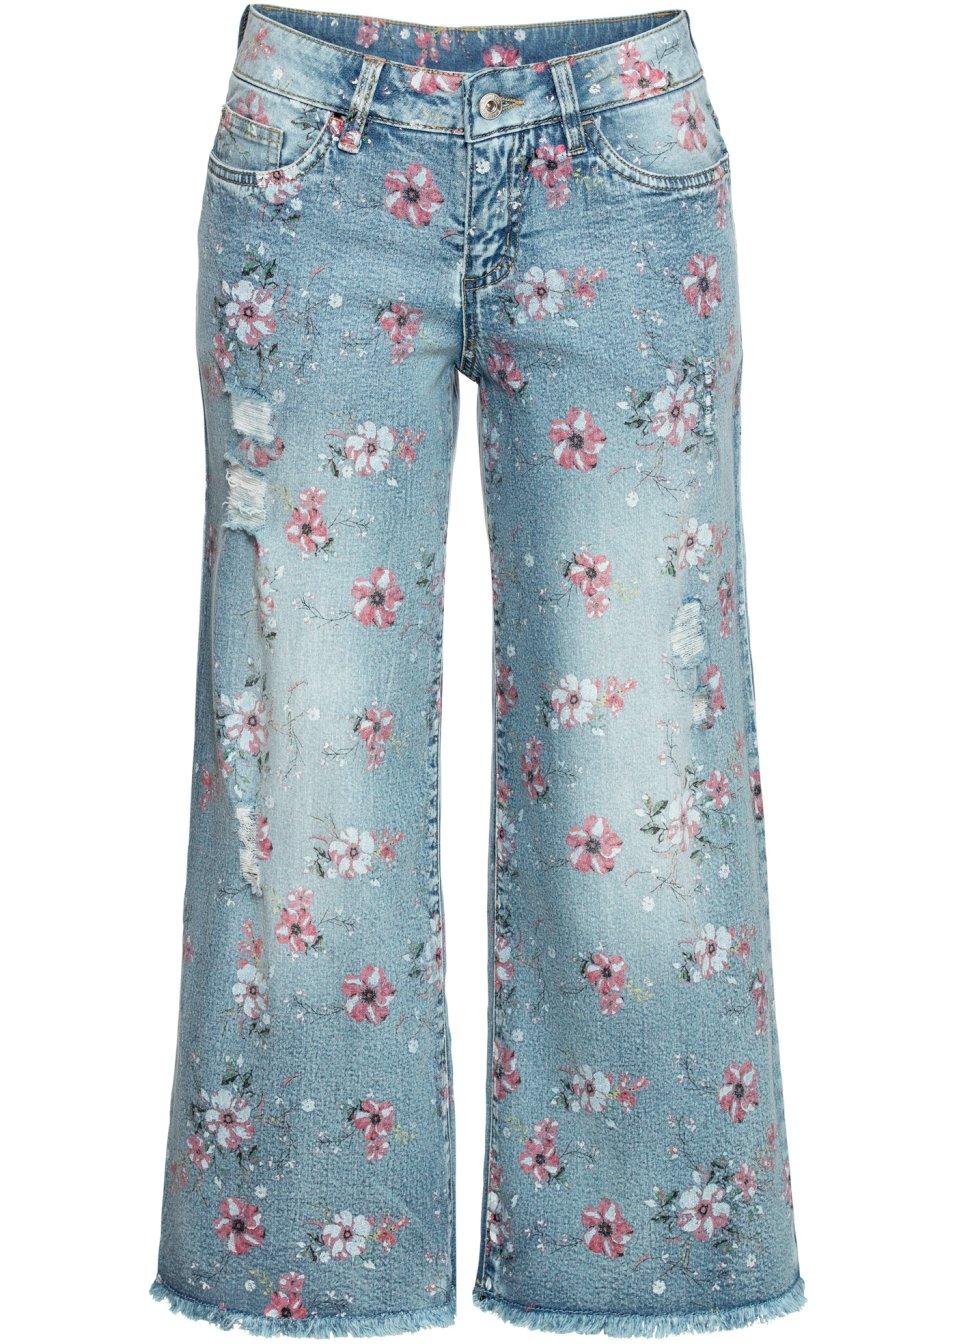 Culotte-Jeans blue bleached - Damen - RAINBOW - bonprix.de cj78X 8HtCE